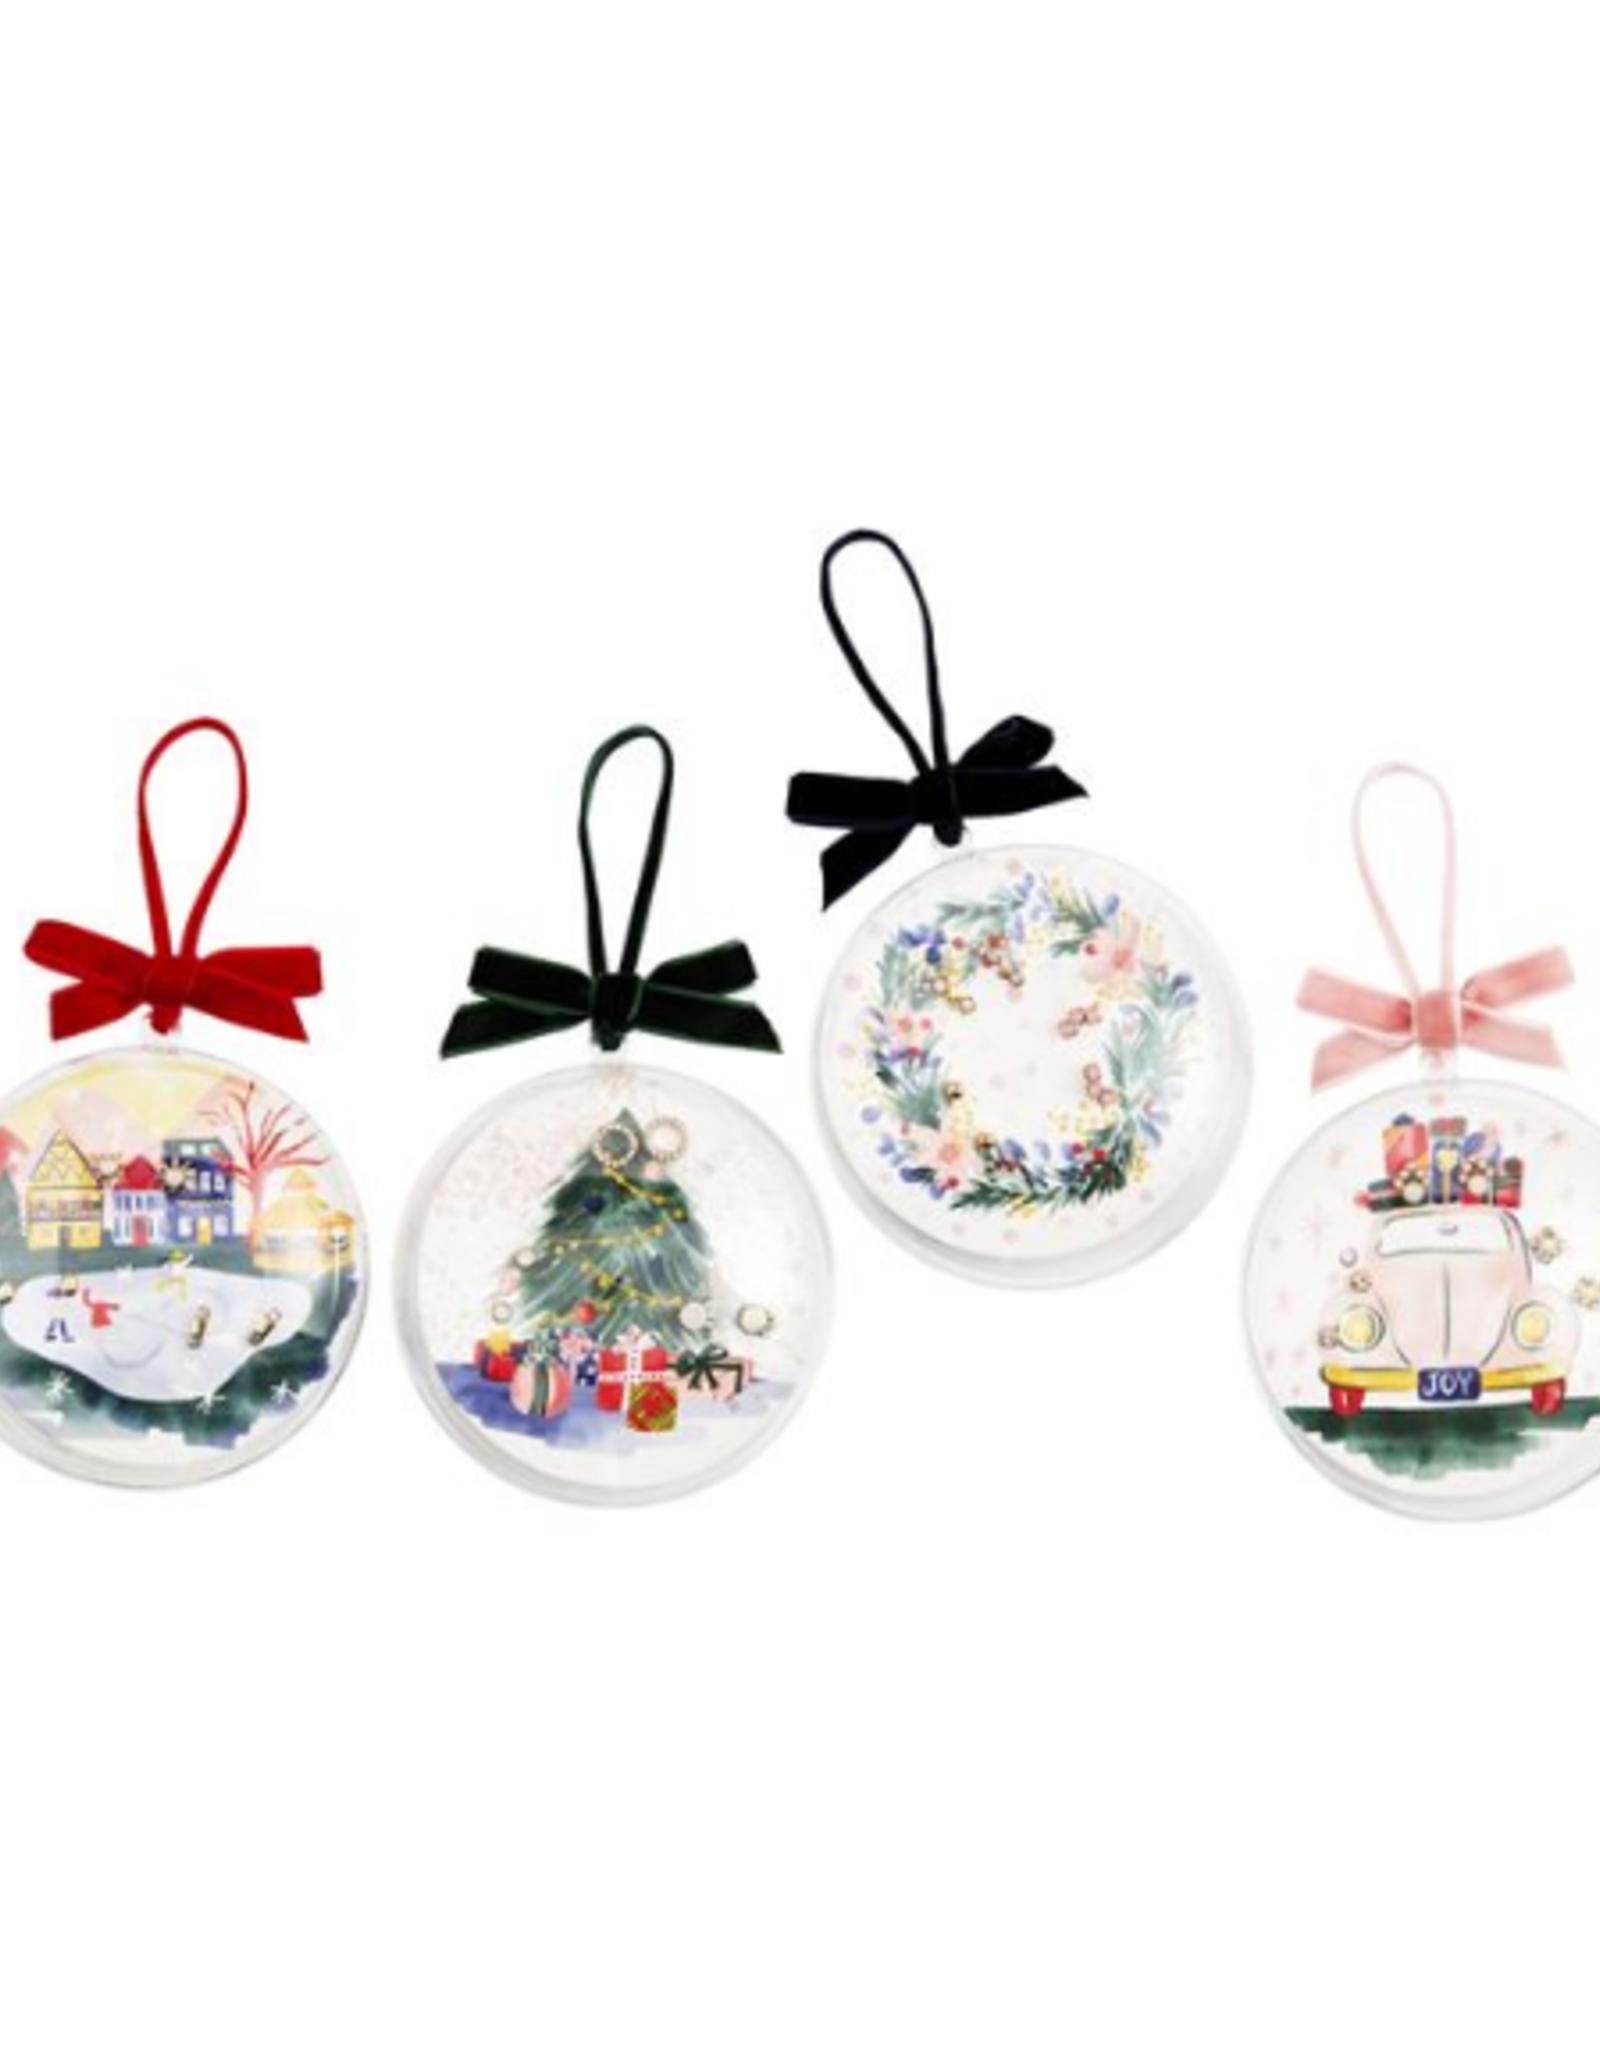 Mud Pie Stud Earrings Ornament Gift Set